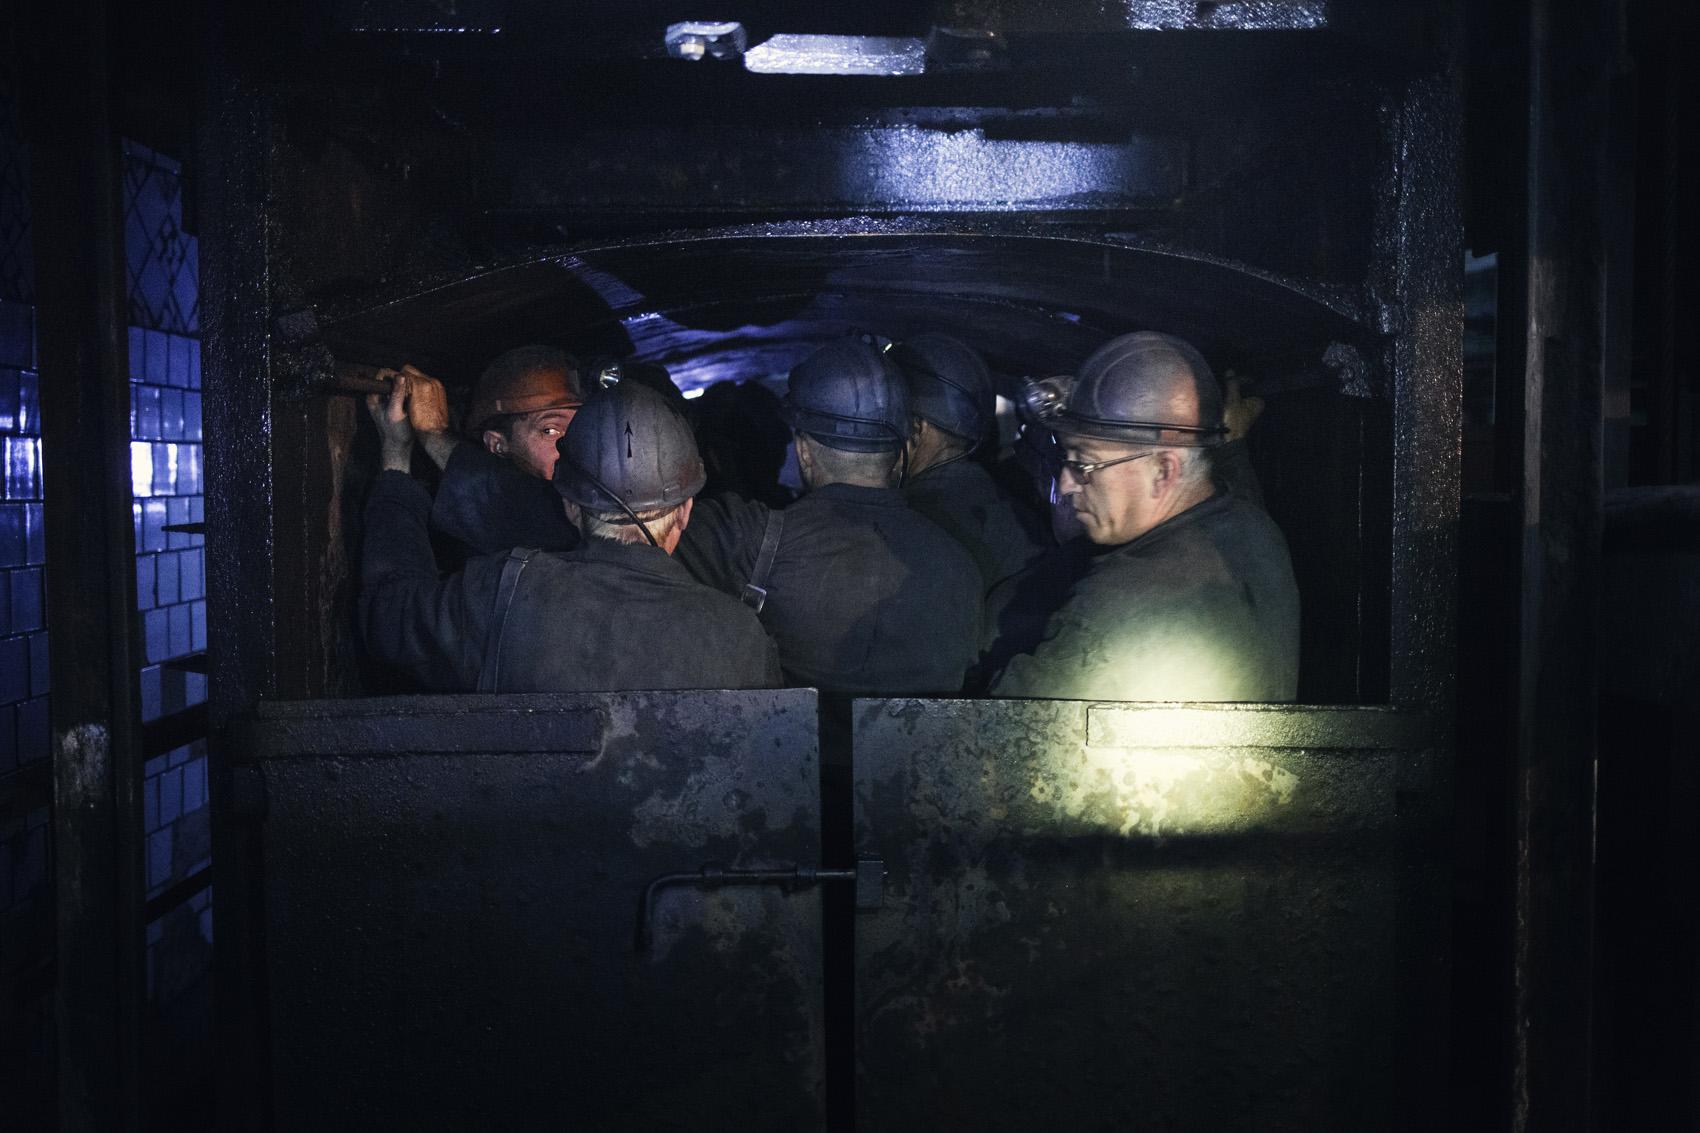 Il est estimé que l'industrie minière enregistre 2,2 morts par tonne de charbon extraite, soit trois fois plus qu'en Russie. Mikhail Ivanov se tient avec les autres mineurs dans l'ascenseur qui les emmènera au plus profond de la mine. (photo Kyrre Lien/8e étage)